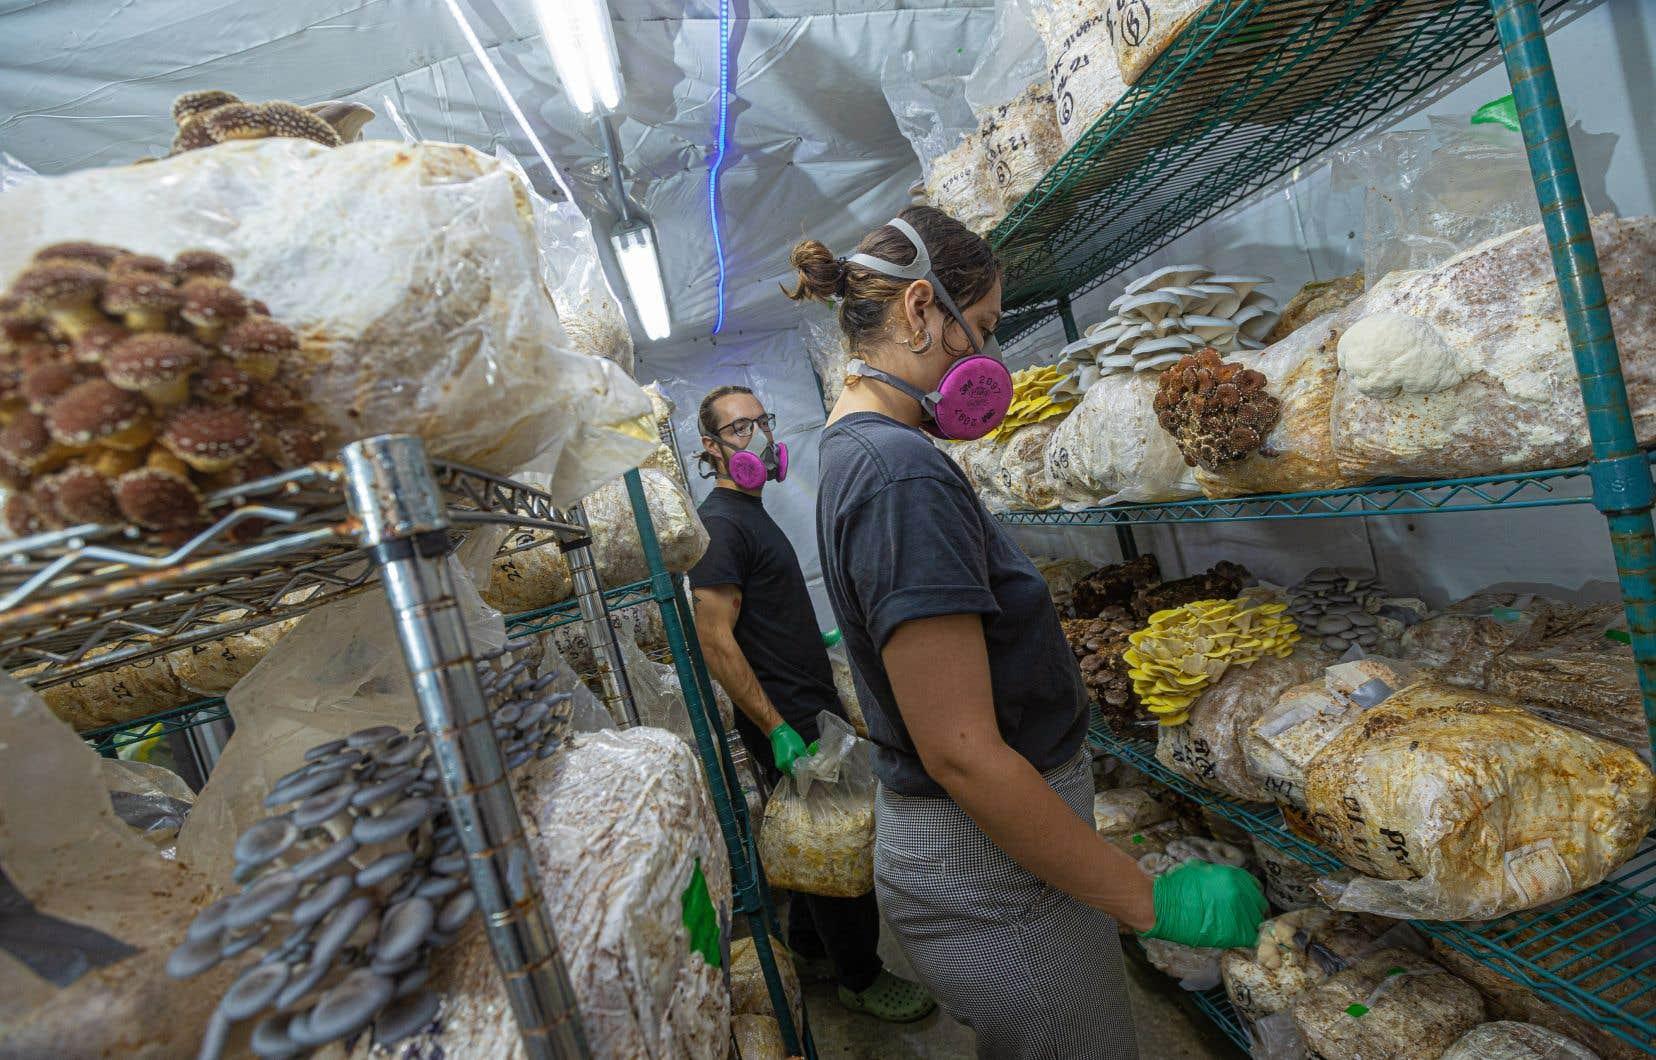 Élie Comtois et Léïa St-Pierre au travail dans leur ferme de champignons aux Éboulements